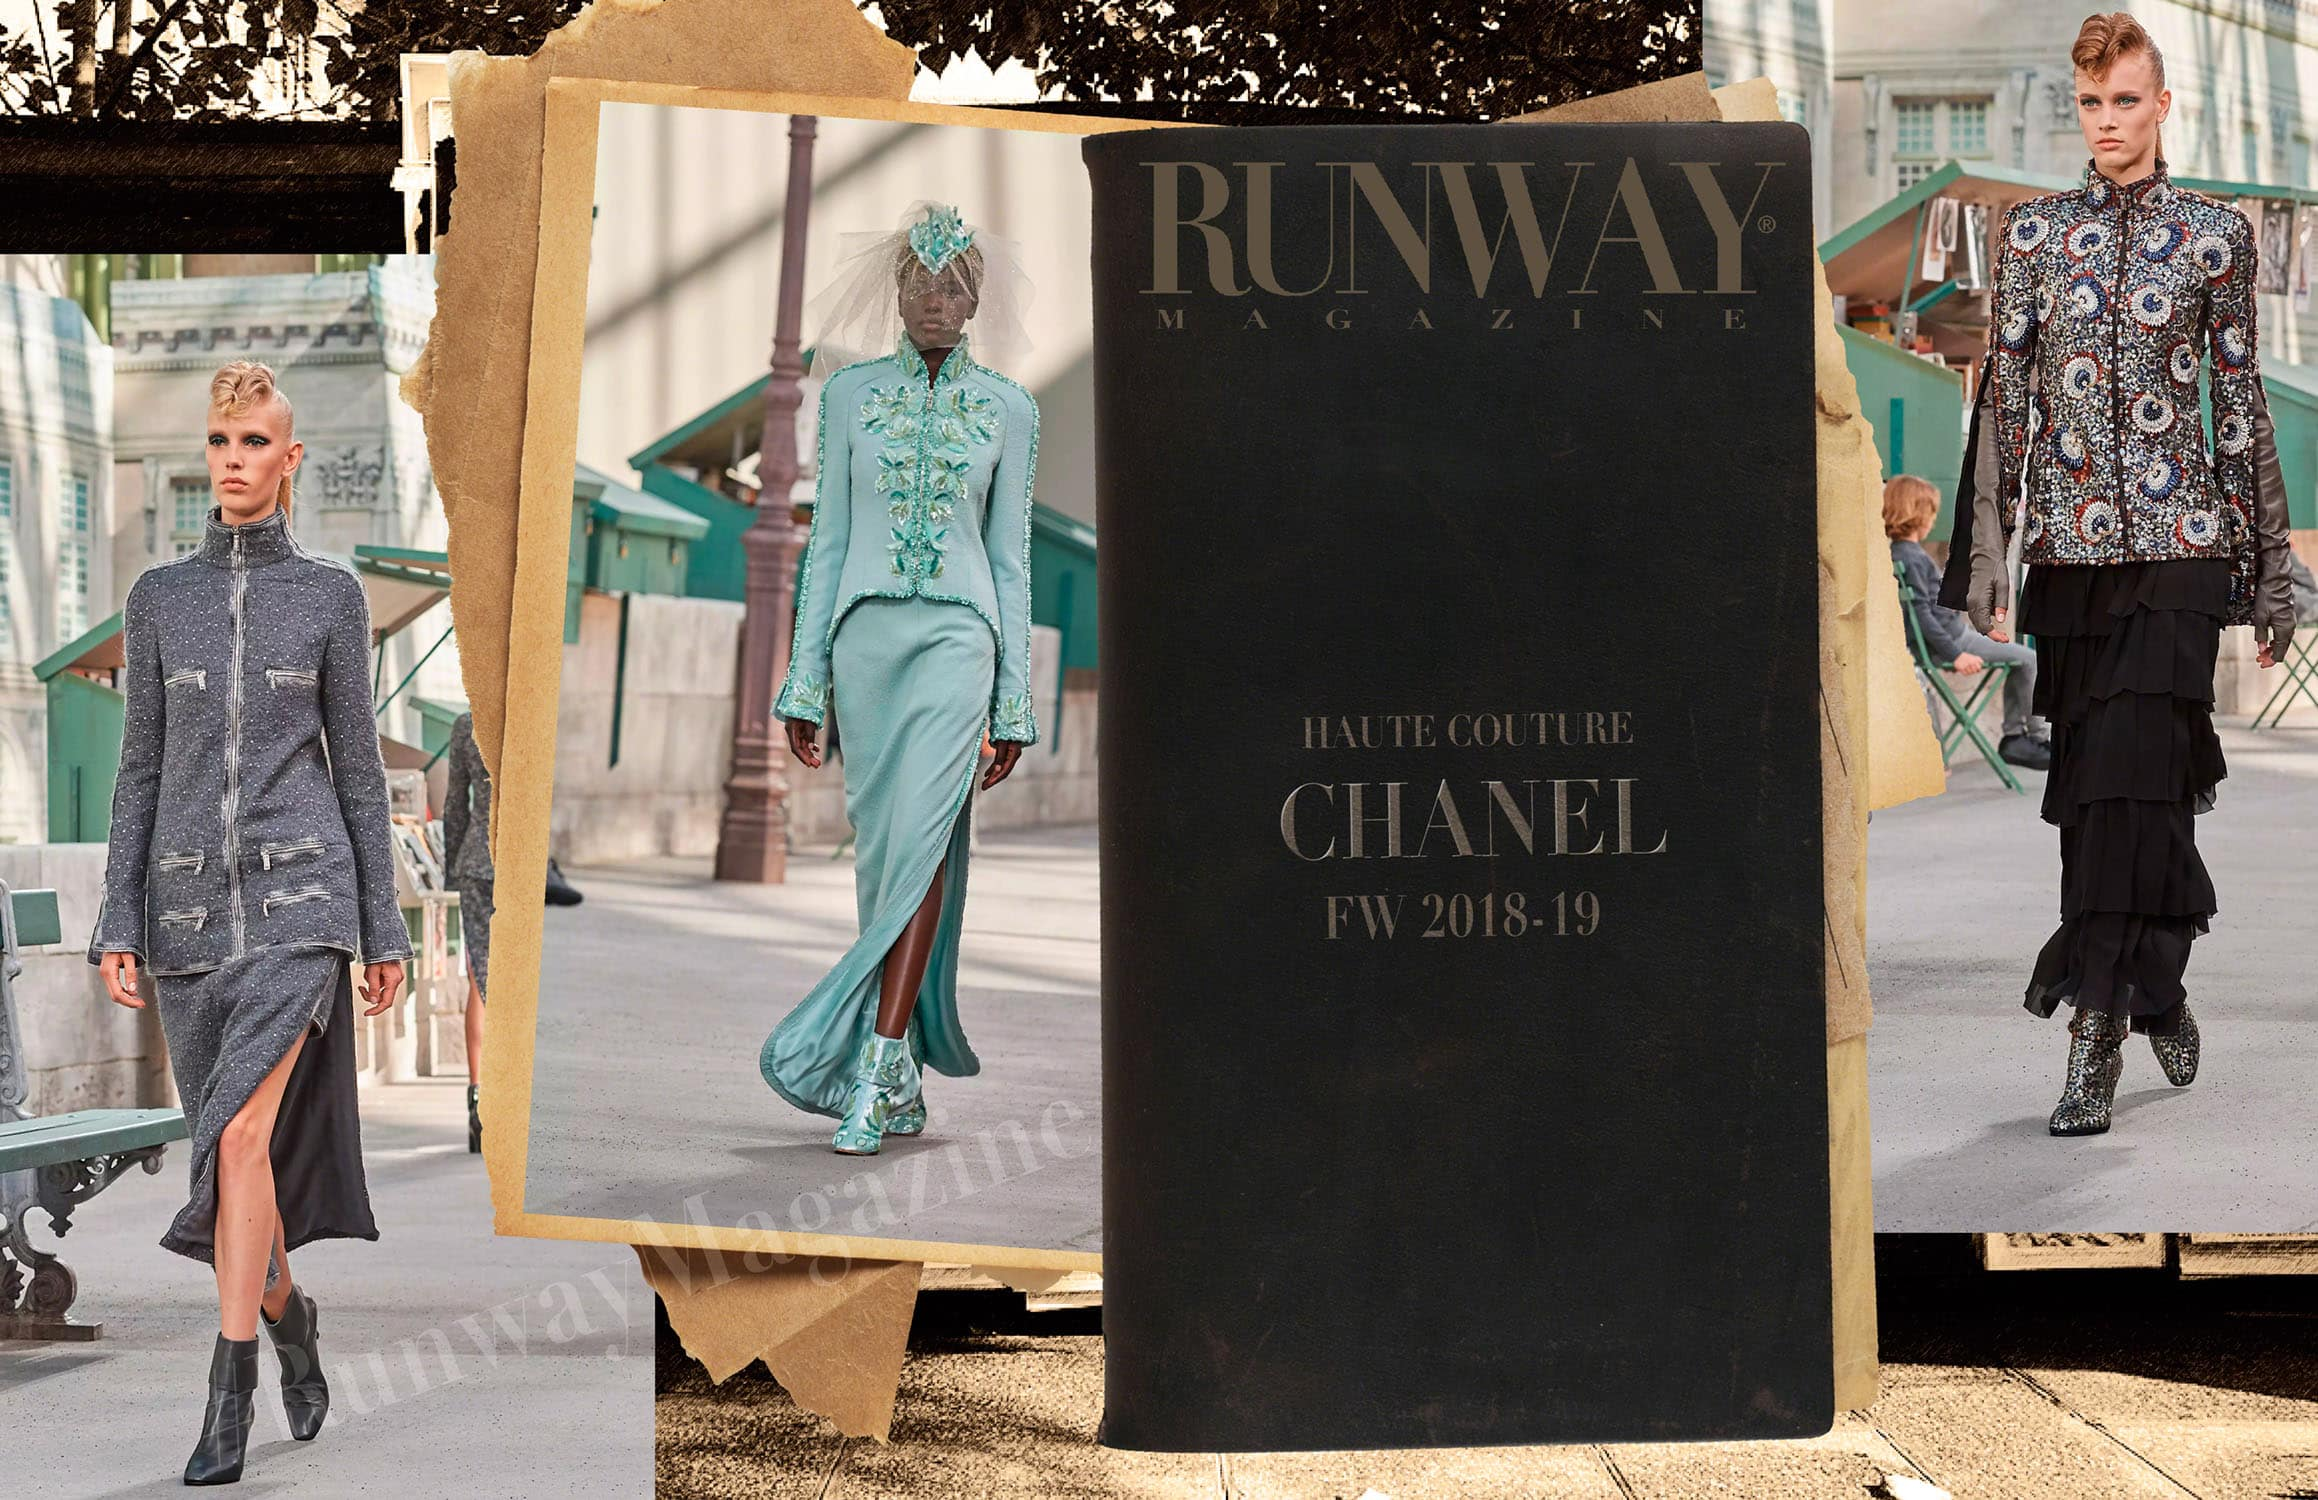 Chanel Haute Couture Autunno-Inverno 2018-19 di RUNWAY MAGAZINE